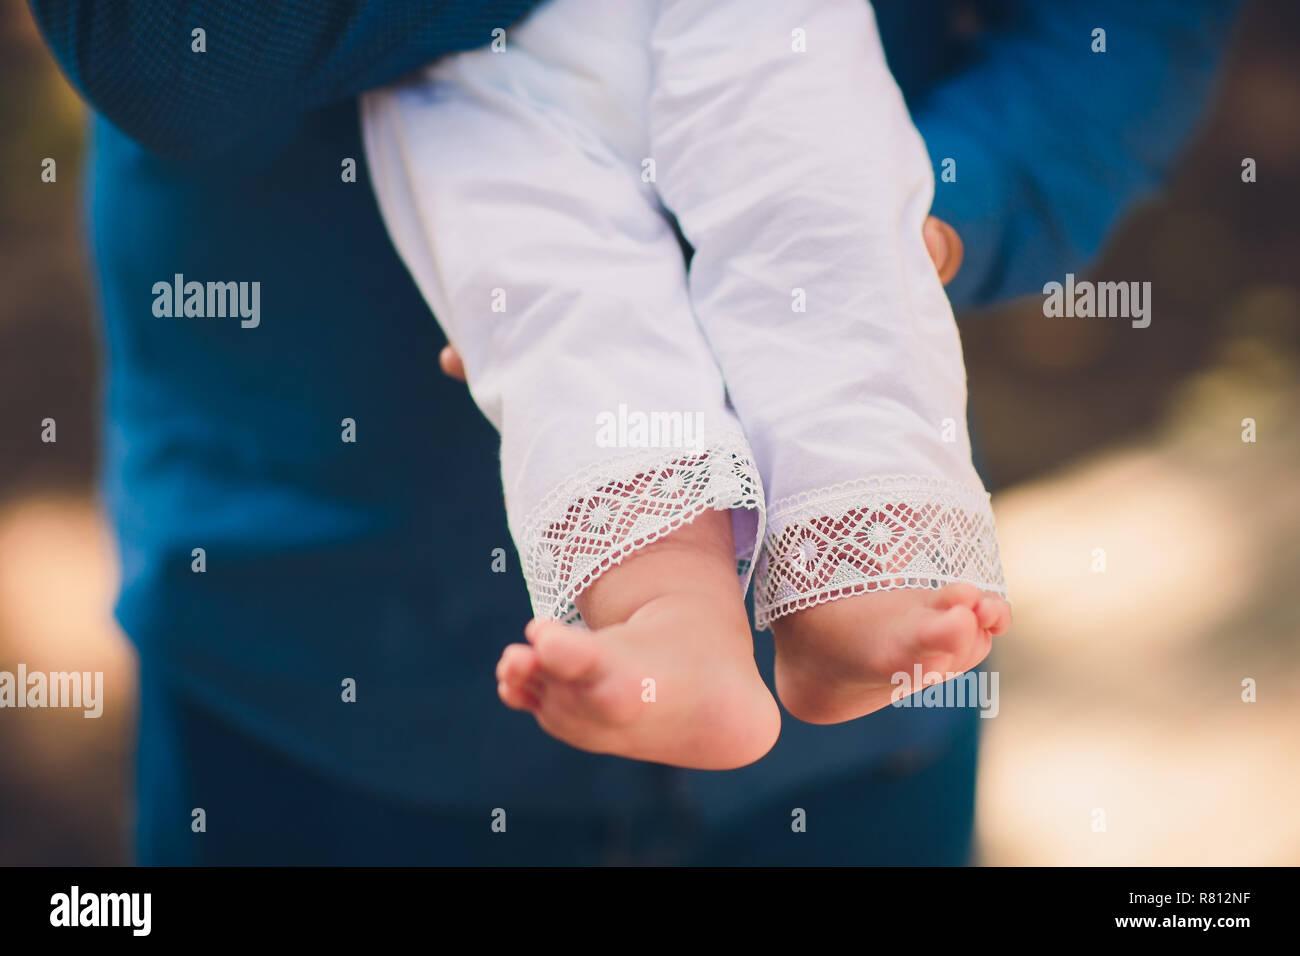 Los pies del bebé en la mano. Bautizo. El bautismo. Ortodoxos. Imagen De Stock